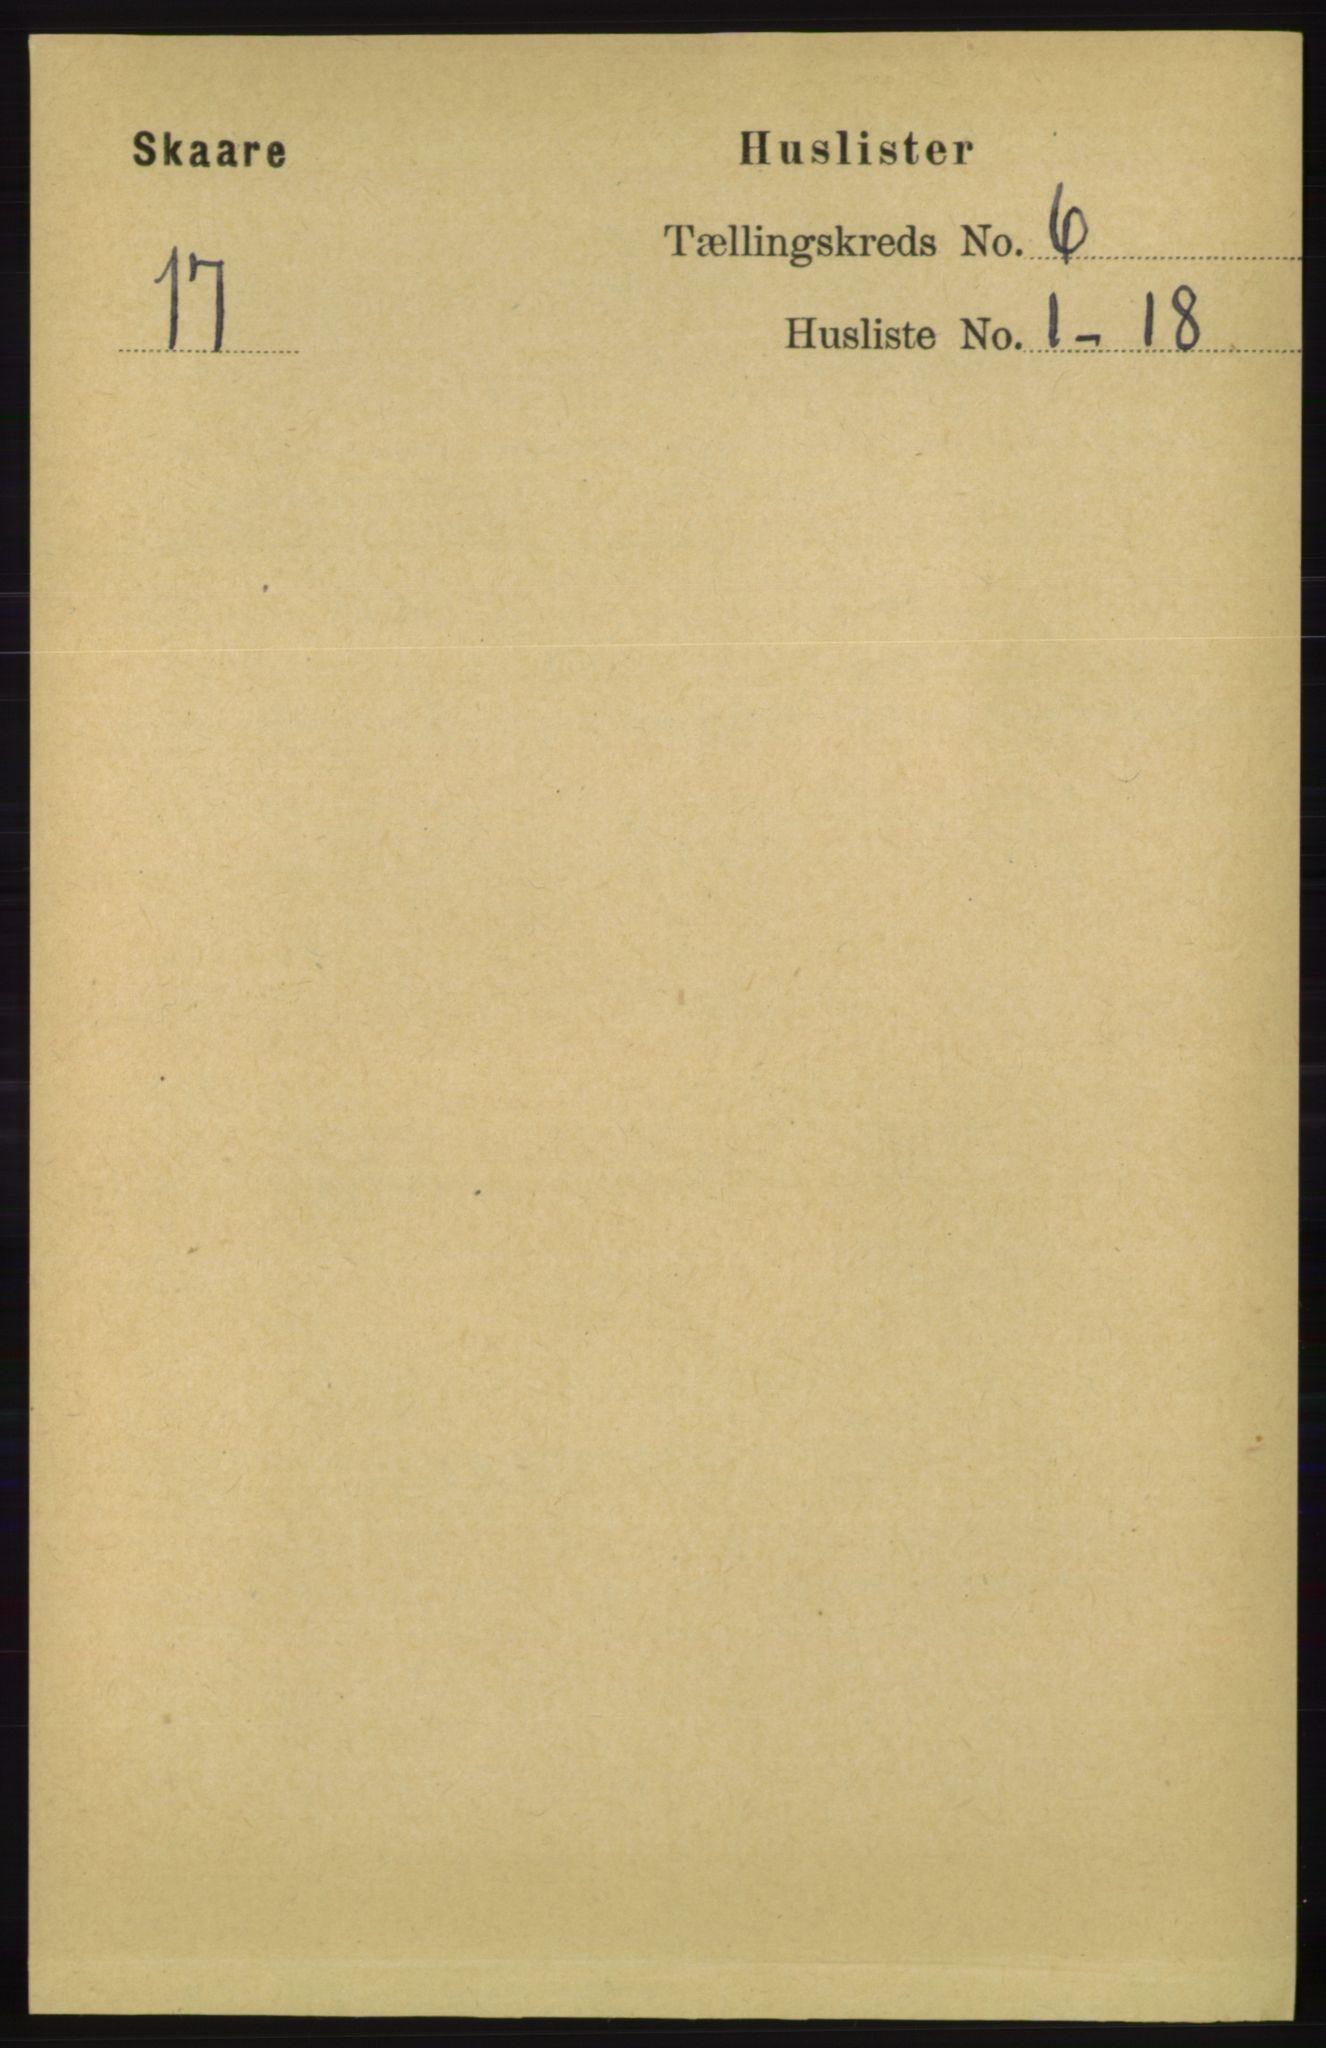 RA, Folketelling 1891 for 1153 Skåre herred, 1891, s. 2370